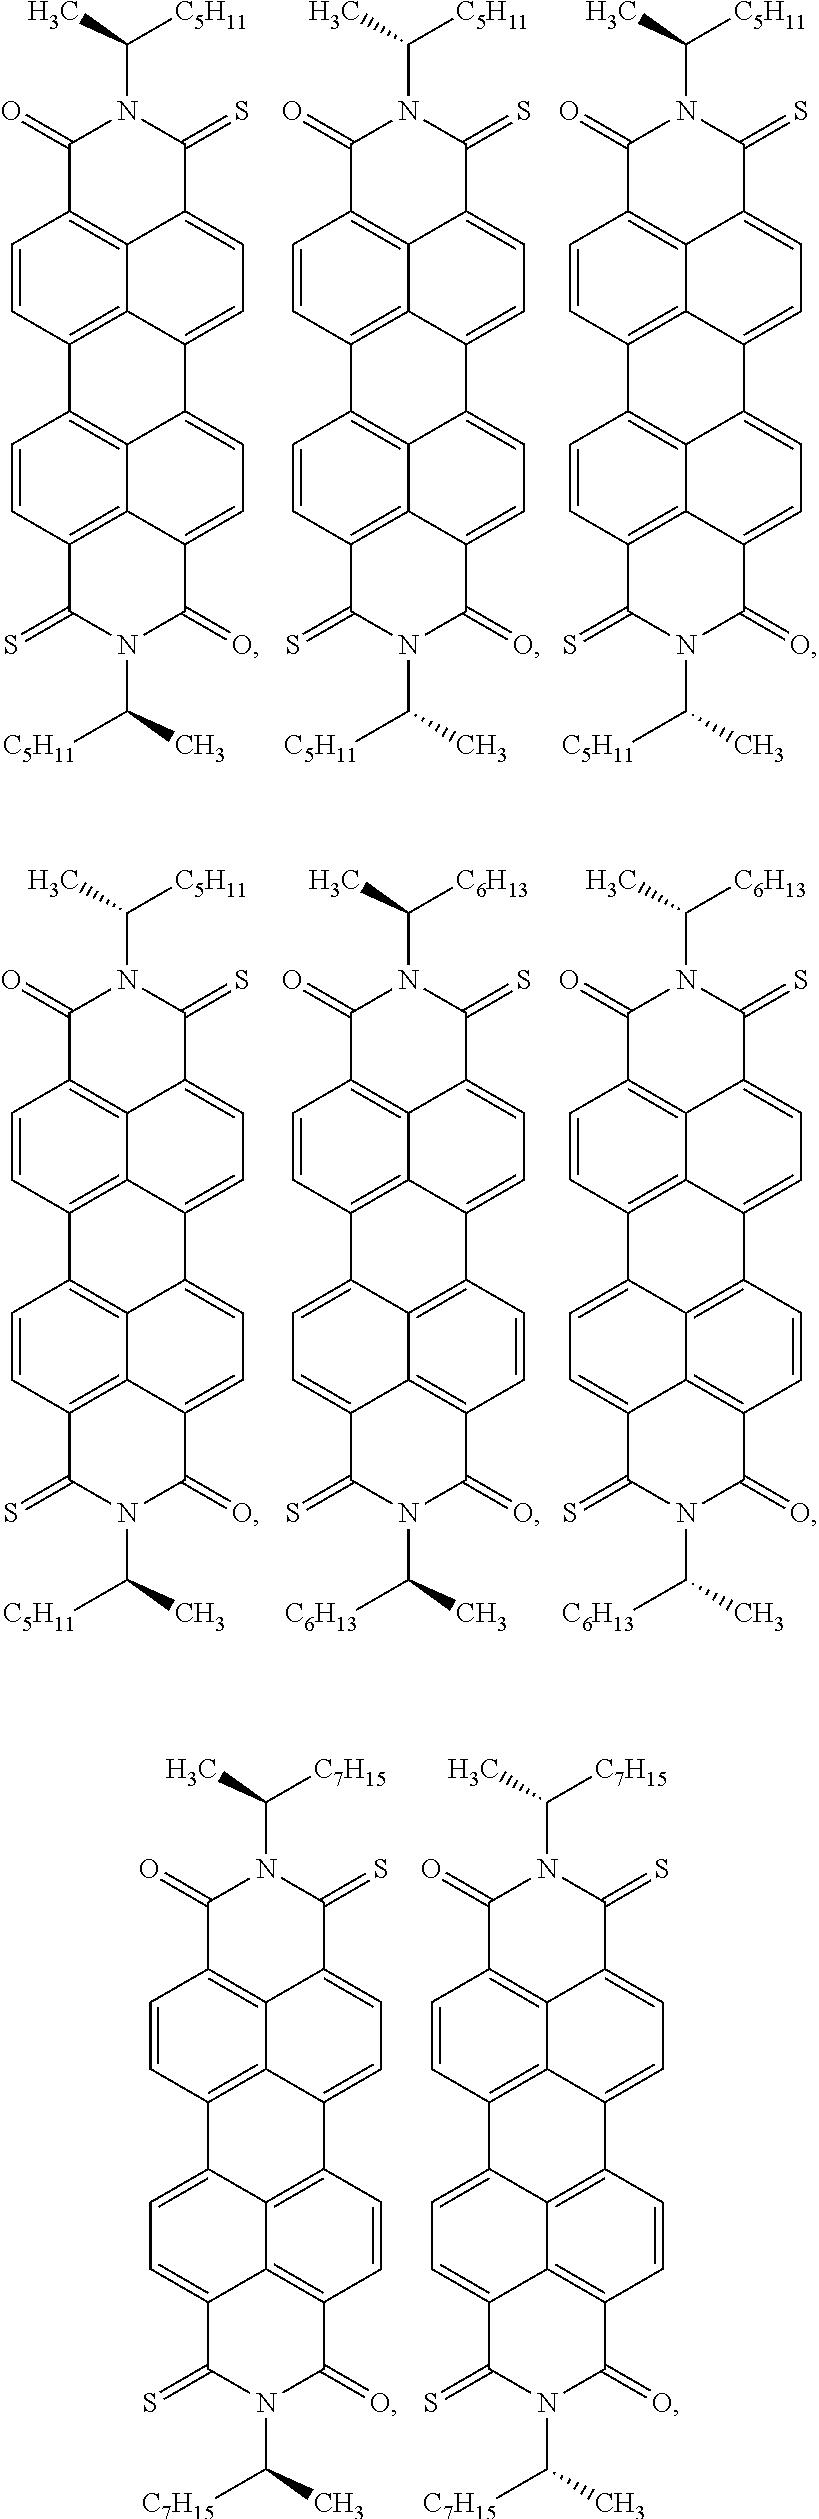 Figure US08440828-20130514-C00088